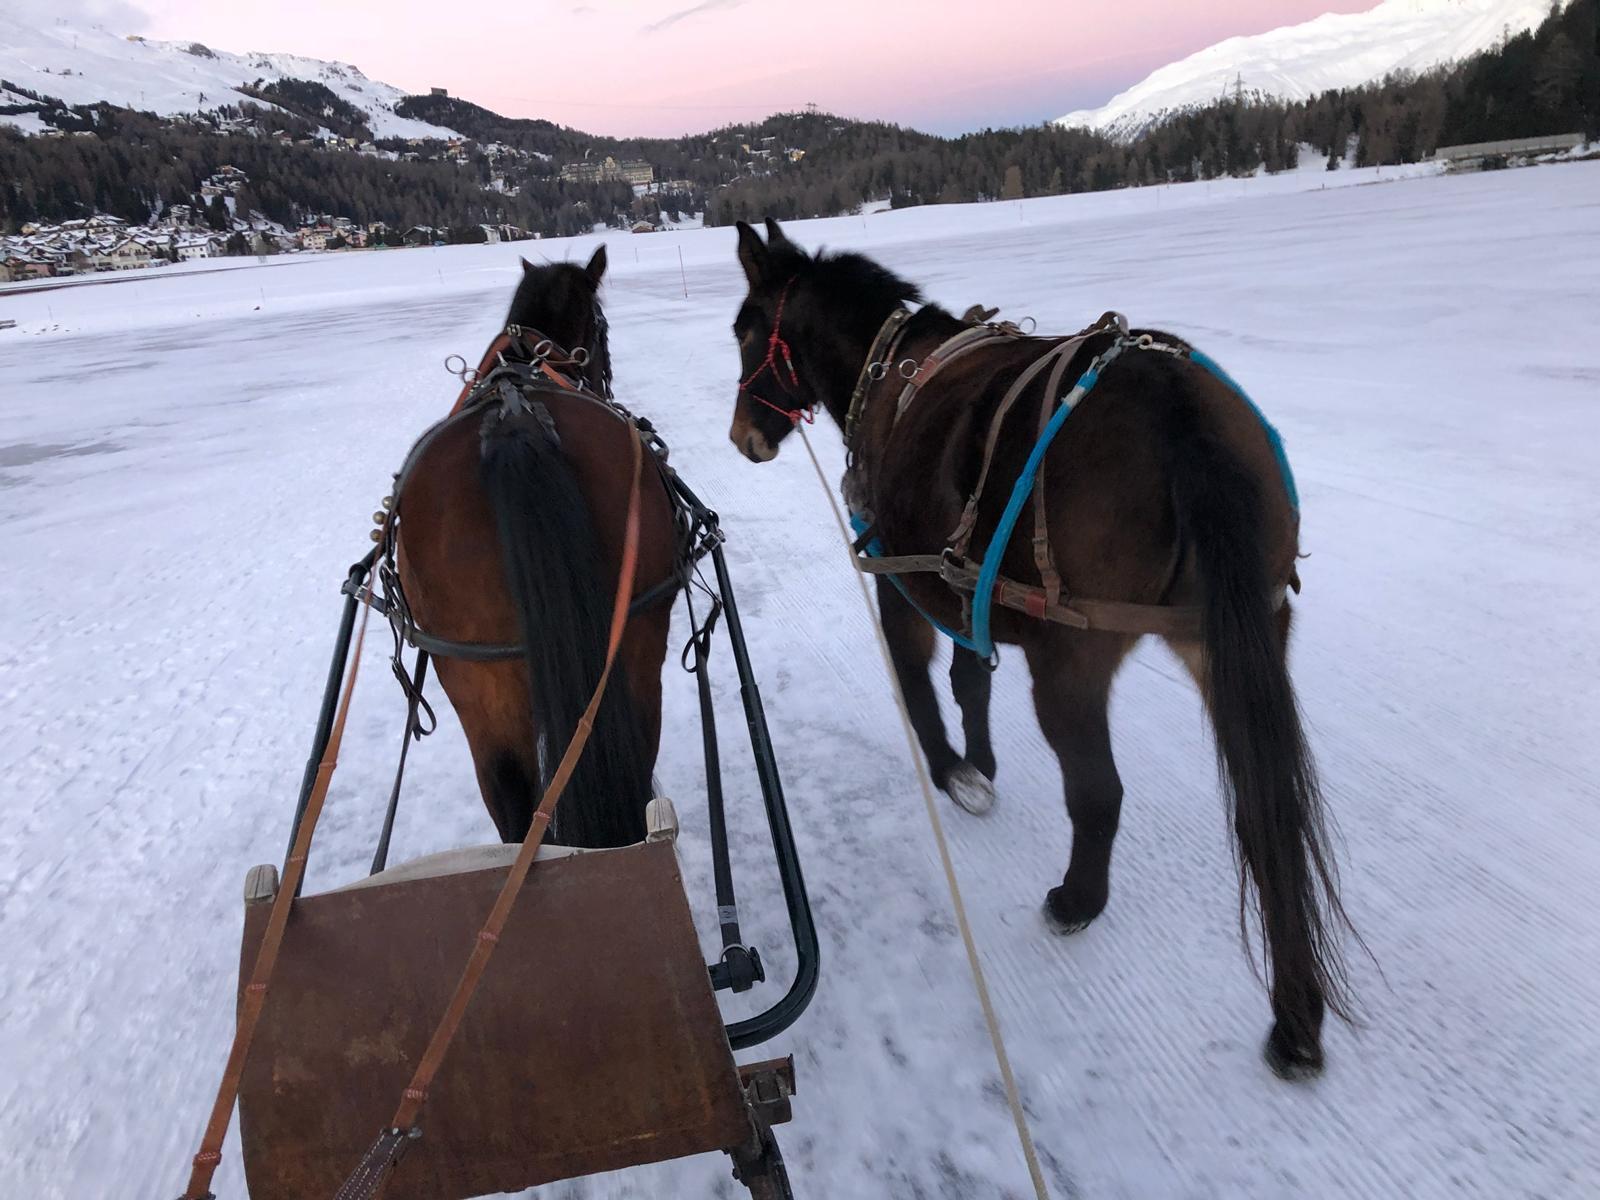 Pferdeschlitten fahren über den gefrorenen See